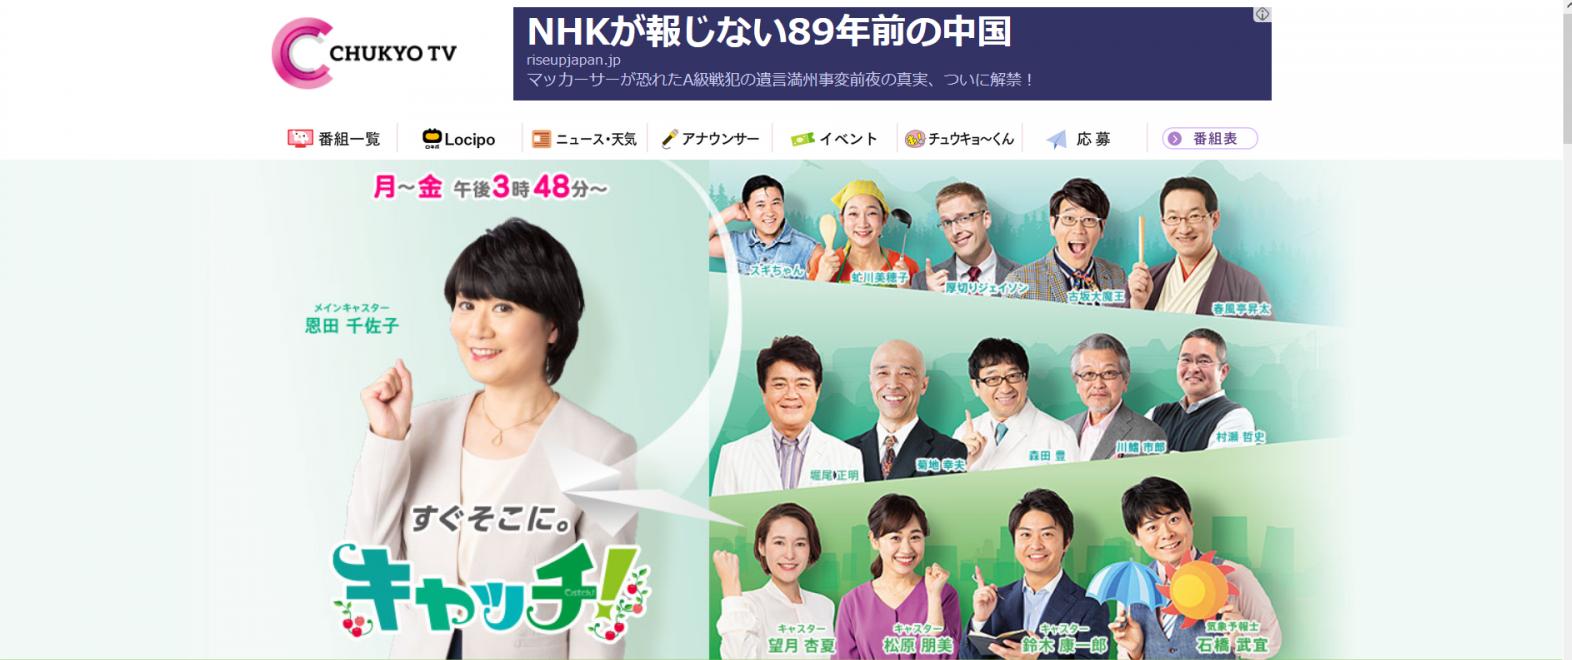 中京テレビ「キャッチ!」で冷凍食品の新情報ご紹介(4月27日放送)